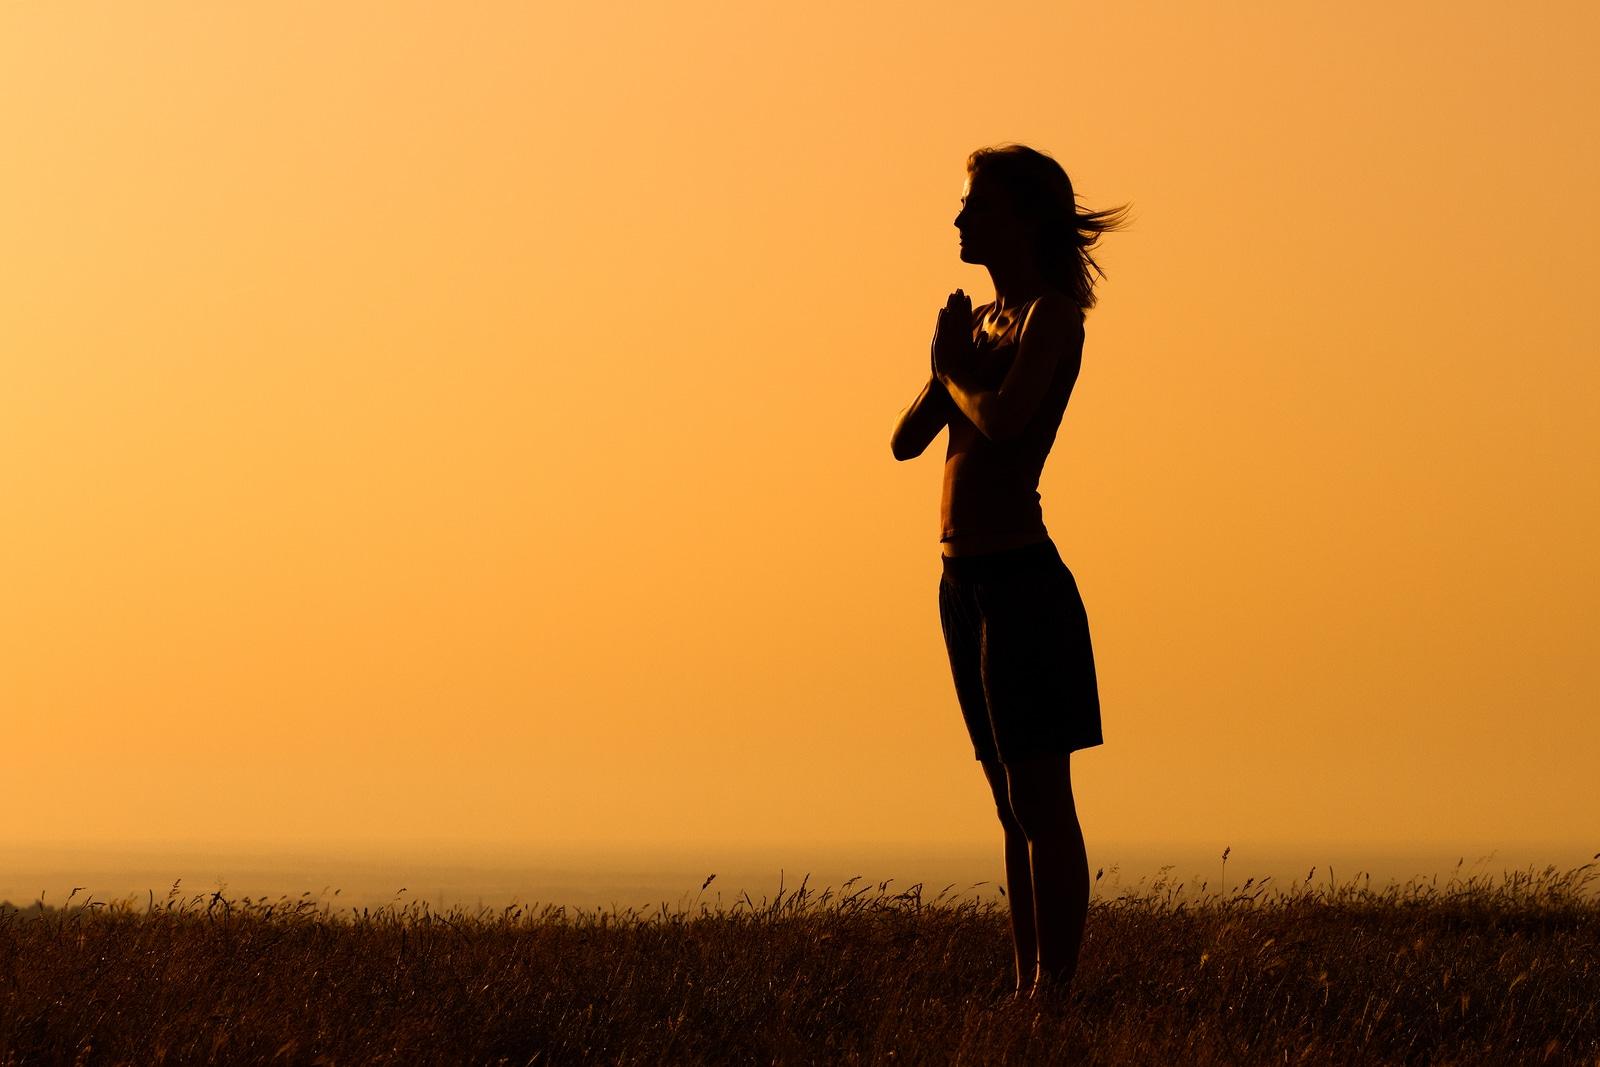 Mulher em pé em um campo. Ela está com as mãos juntas em forma de oração.